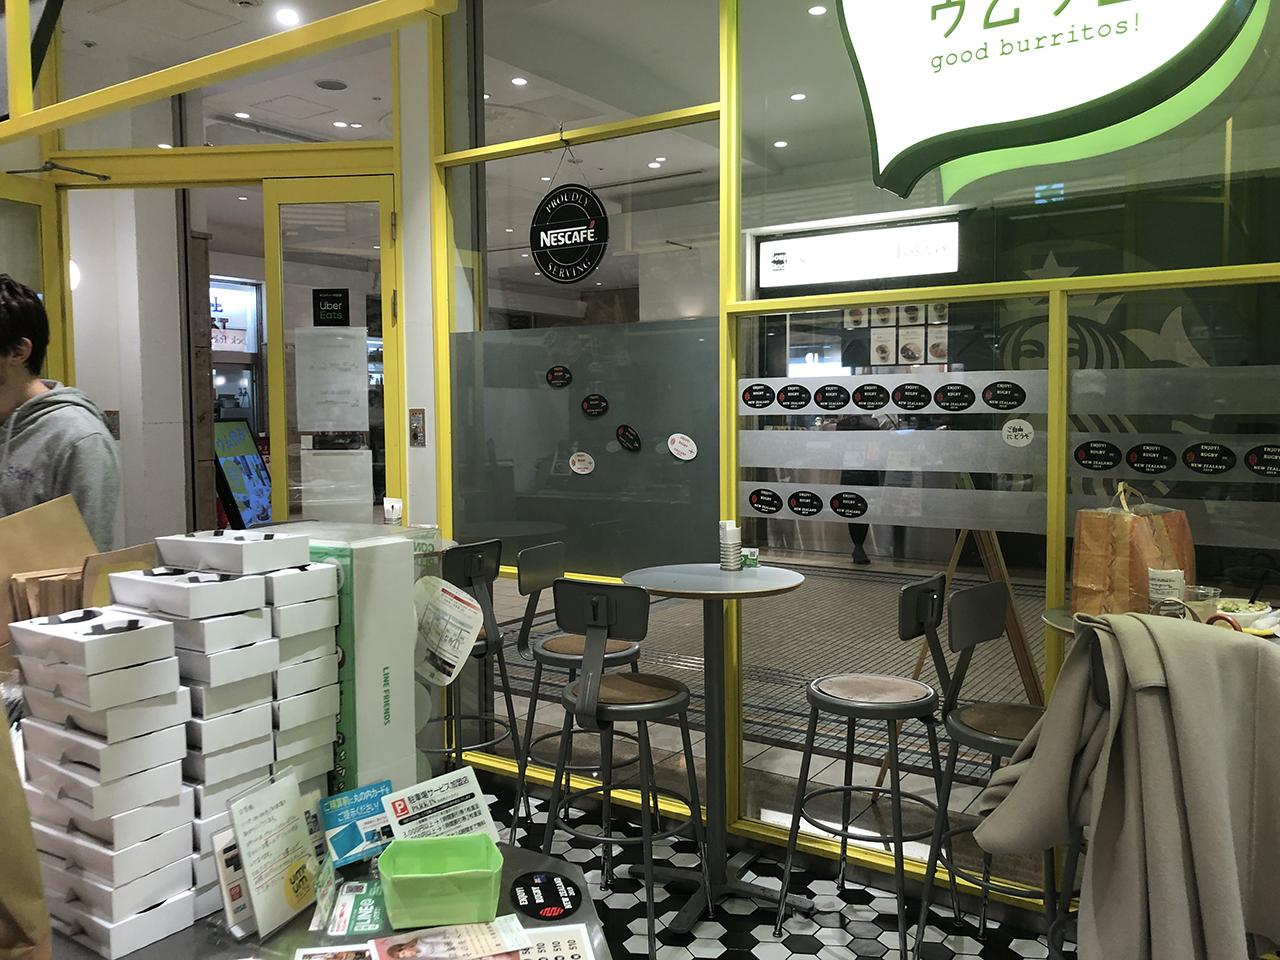 ウムウムグッドブリトーズ! (umum good burritos!)丸ビル店の投稿写真3